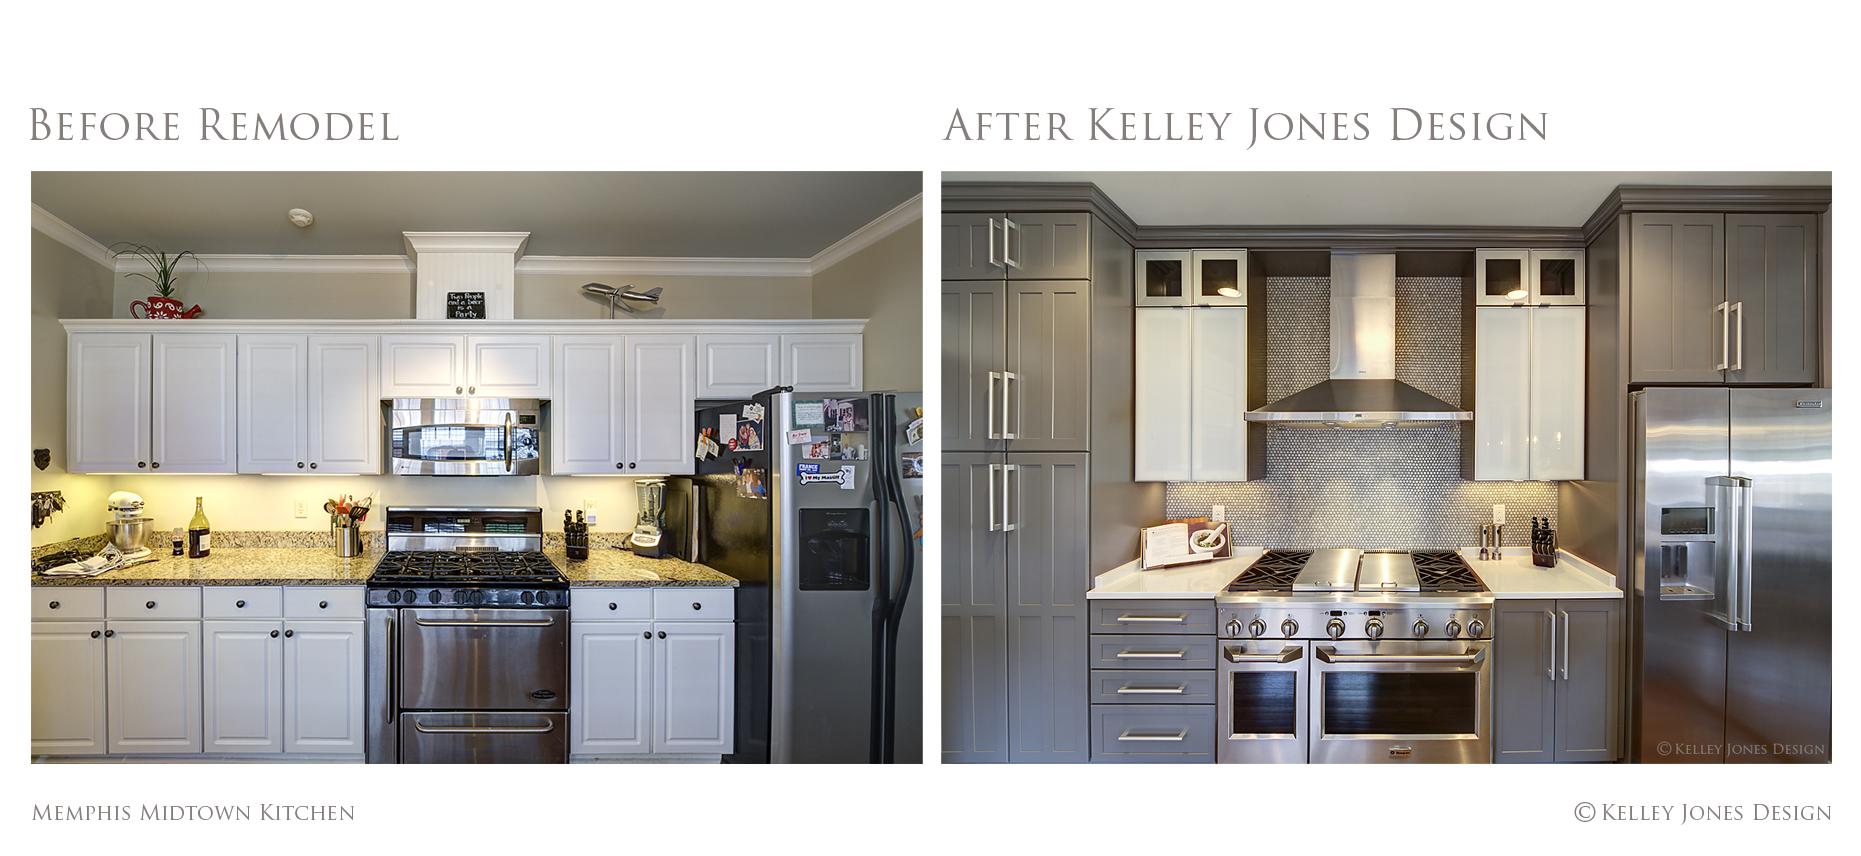 2-memphis-midtown-kitchen-remodel-before-after-kelley-jones-design.jpg